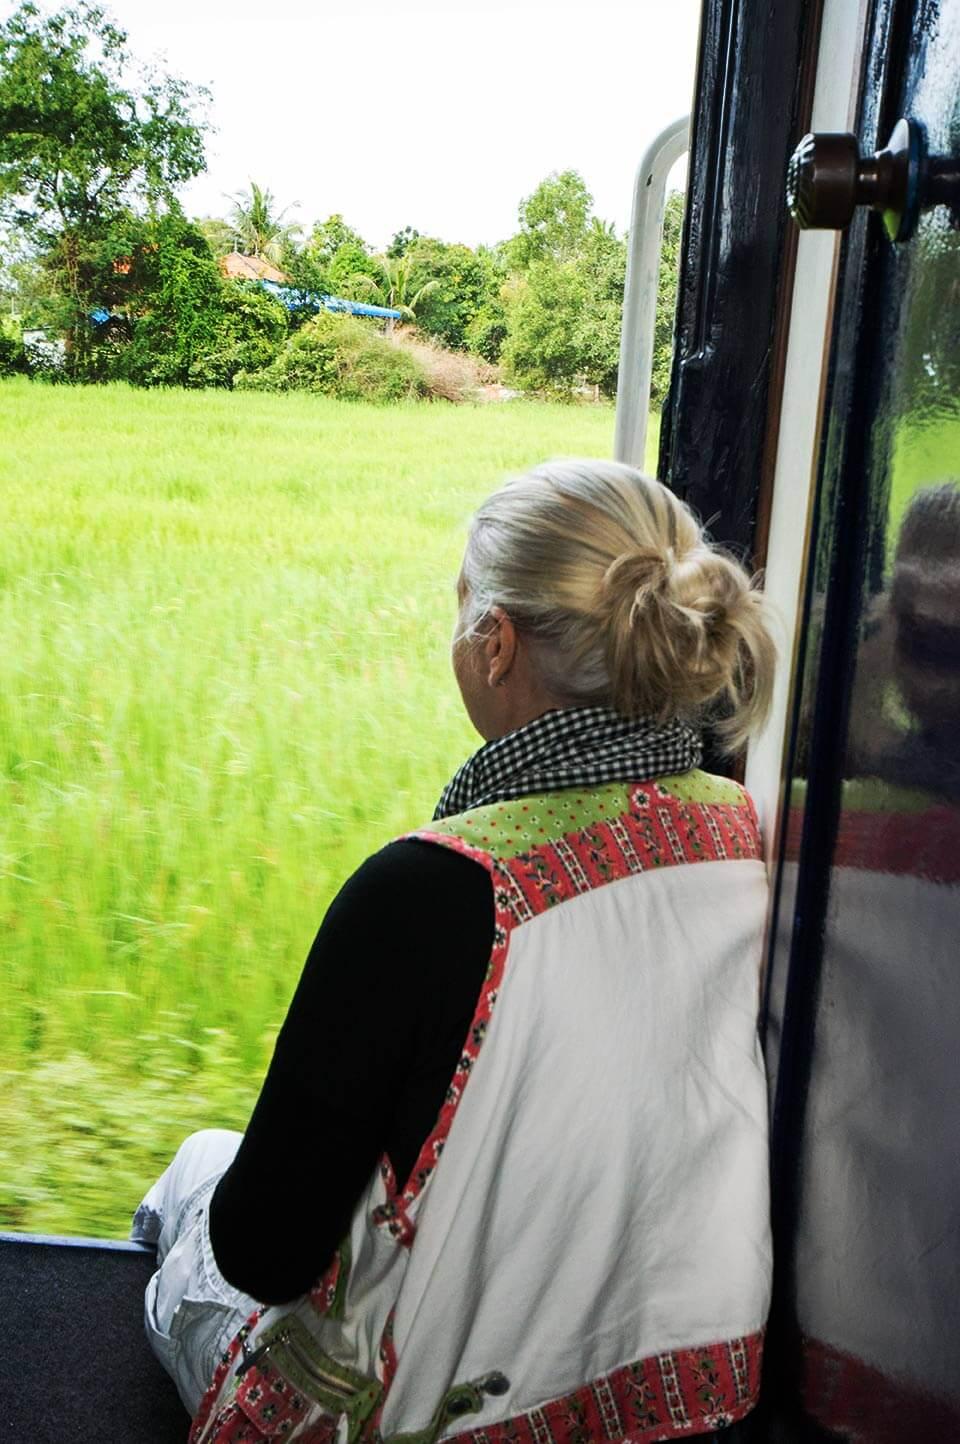 Passagiere in der offenen Tür im Zug in Kambodscha